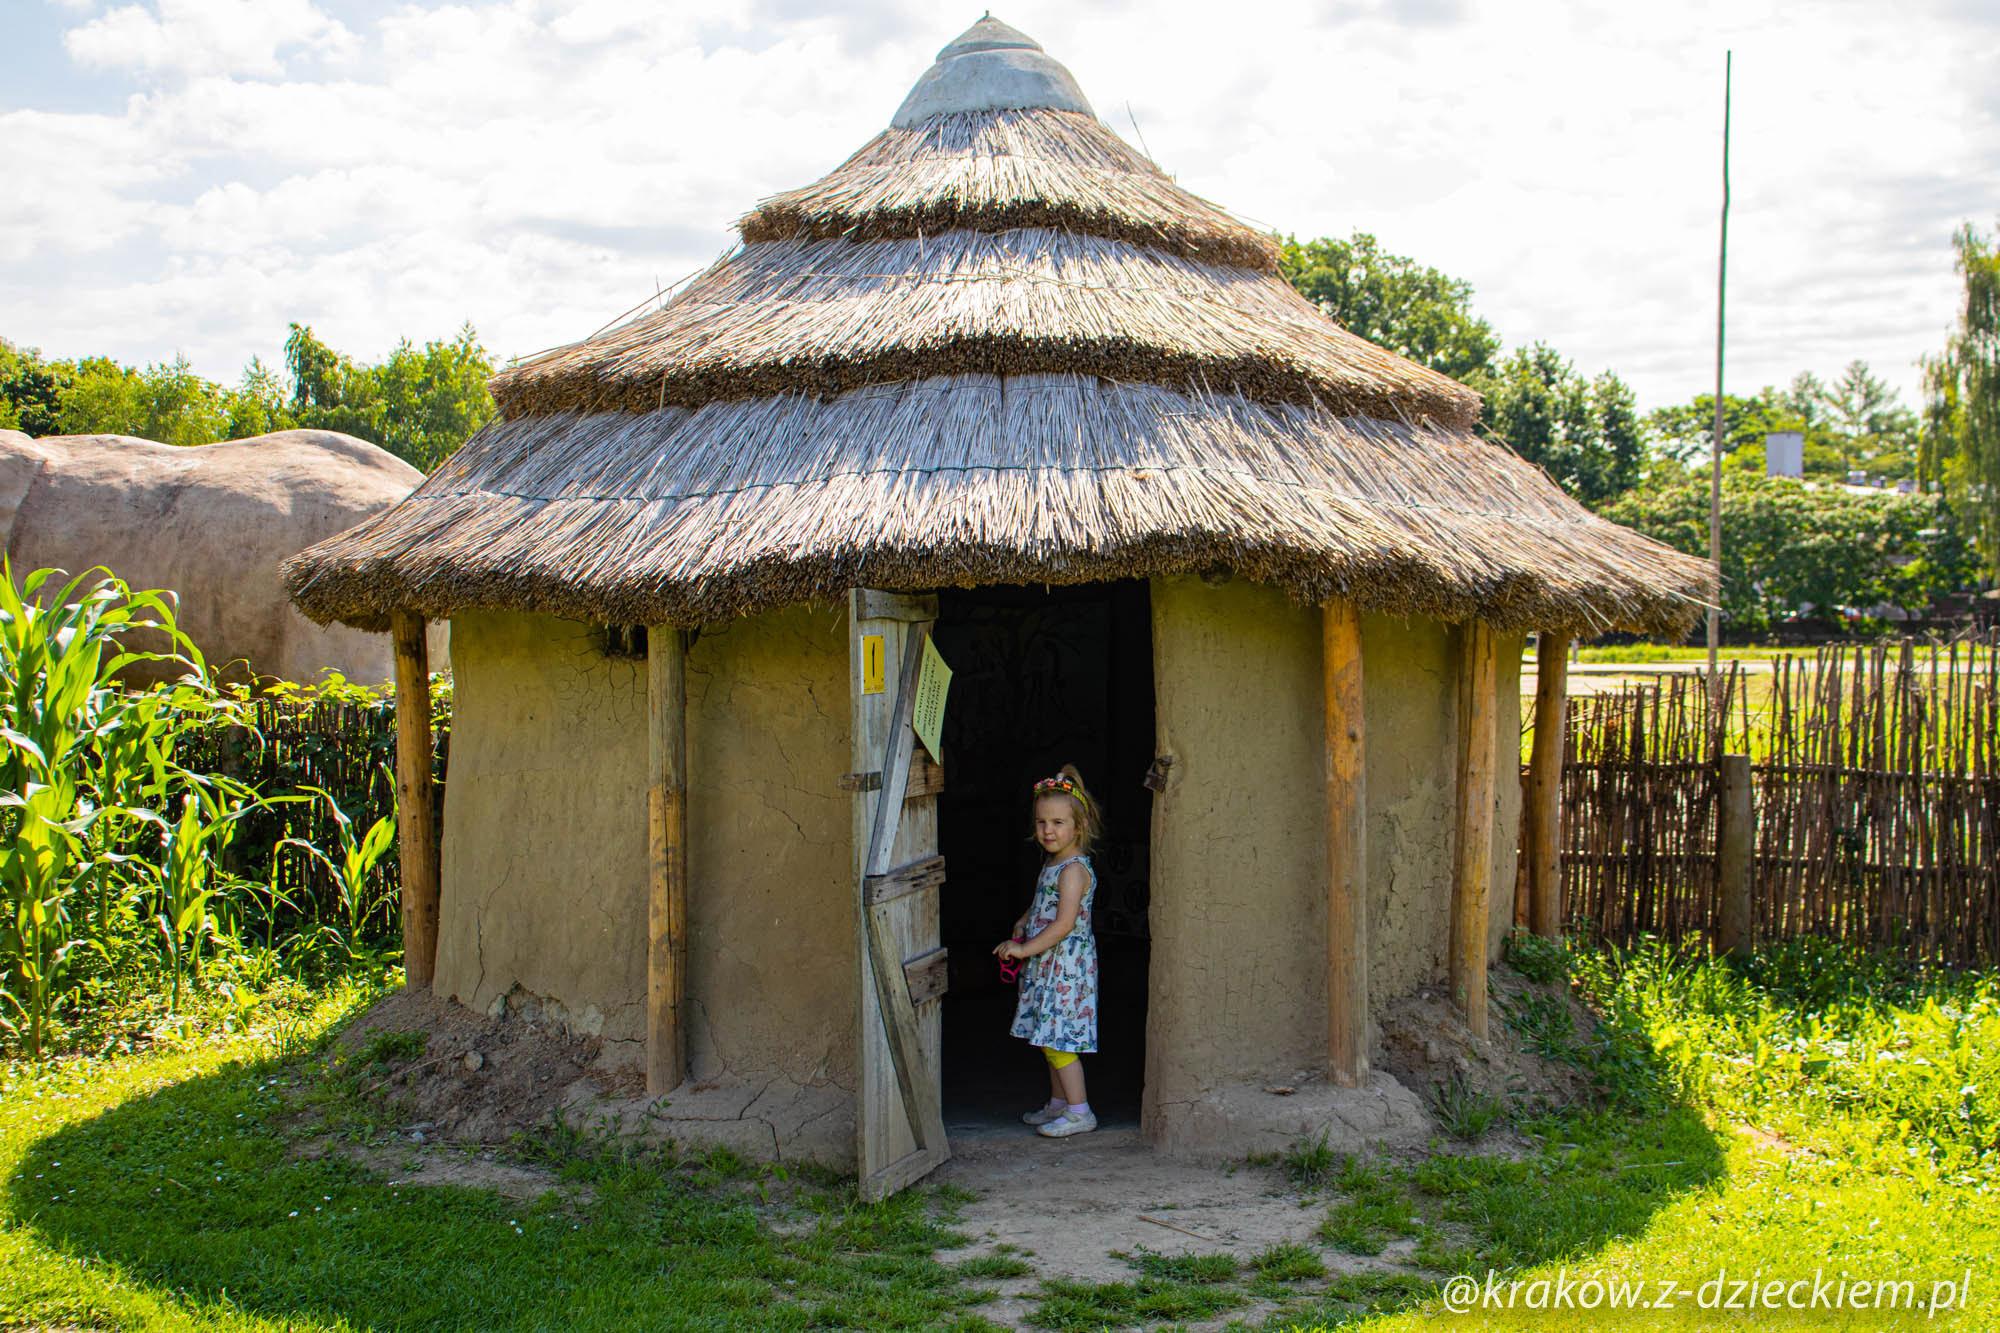 ghański domek, Wioski Świata